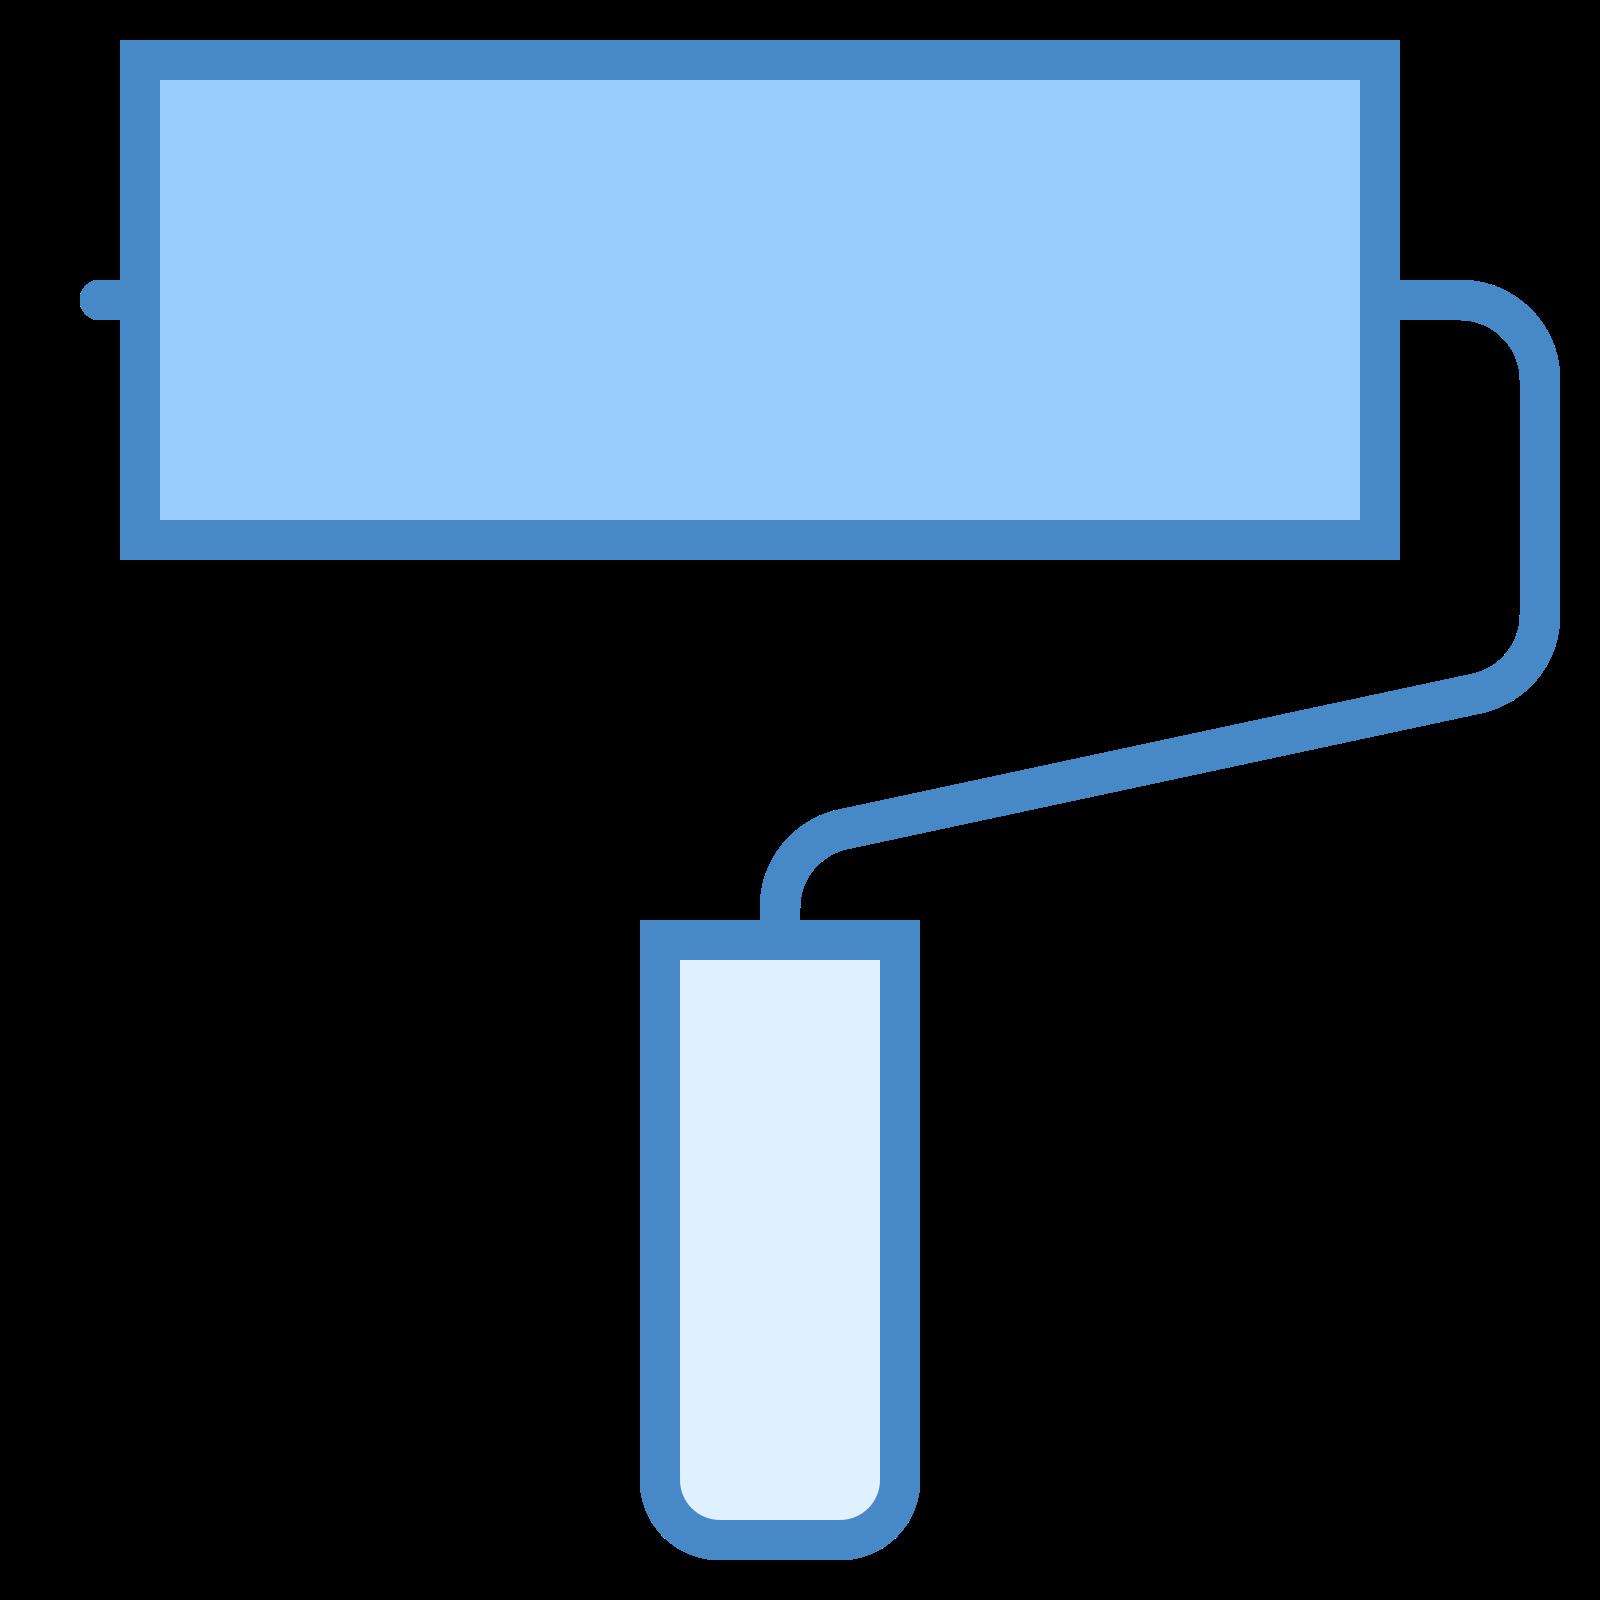 ローラーブラシ icon. The roller brush is a rectangle connected to a handle. The bottom of the handle is a smaller rectangle, and a line connects the smaller rectangle to the larger rectangle.